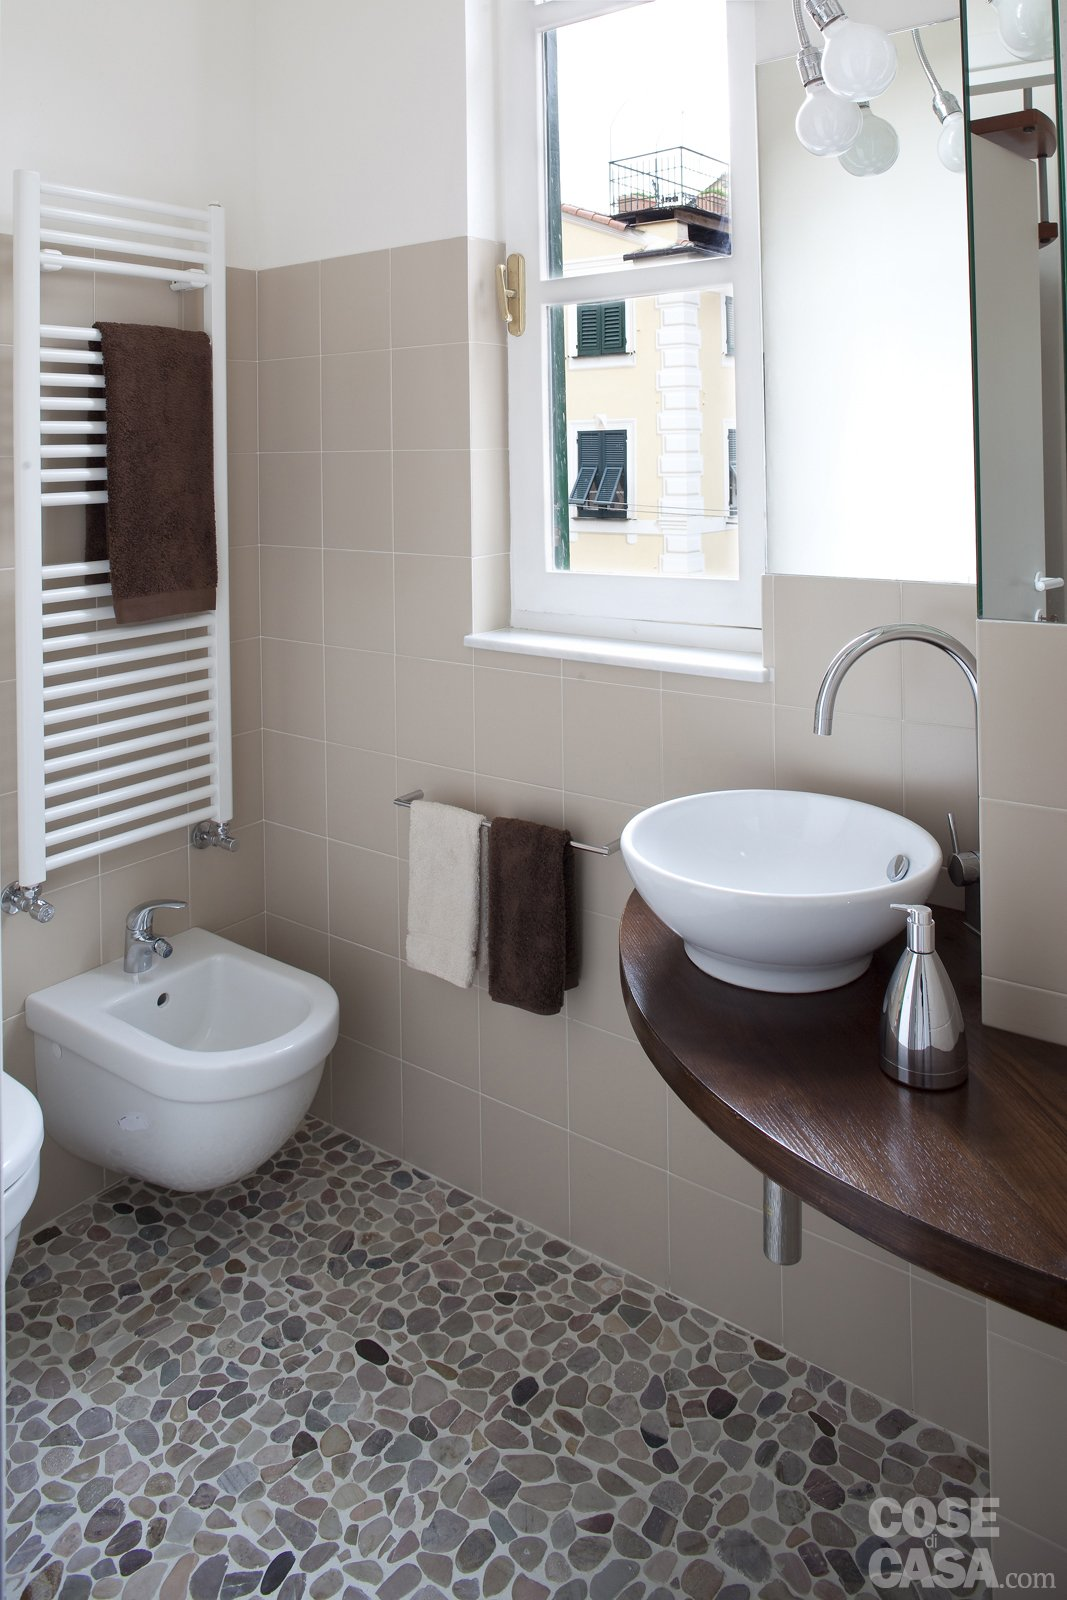 100+ [ idee bagno ] | arredare un mini appartamento ottimizzando ... - Idee Piastrelle Bagno Piccolo